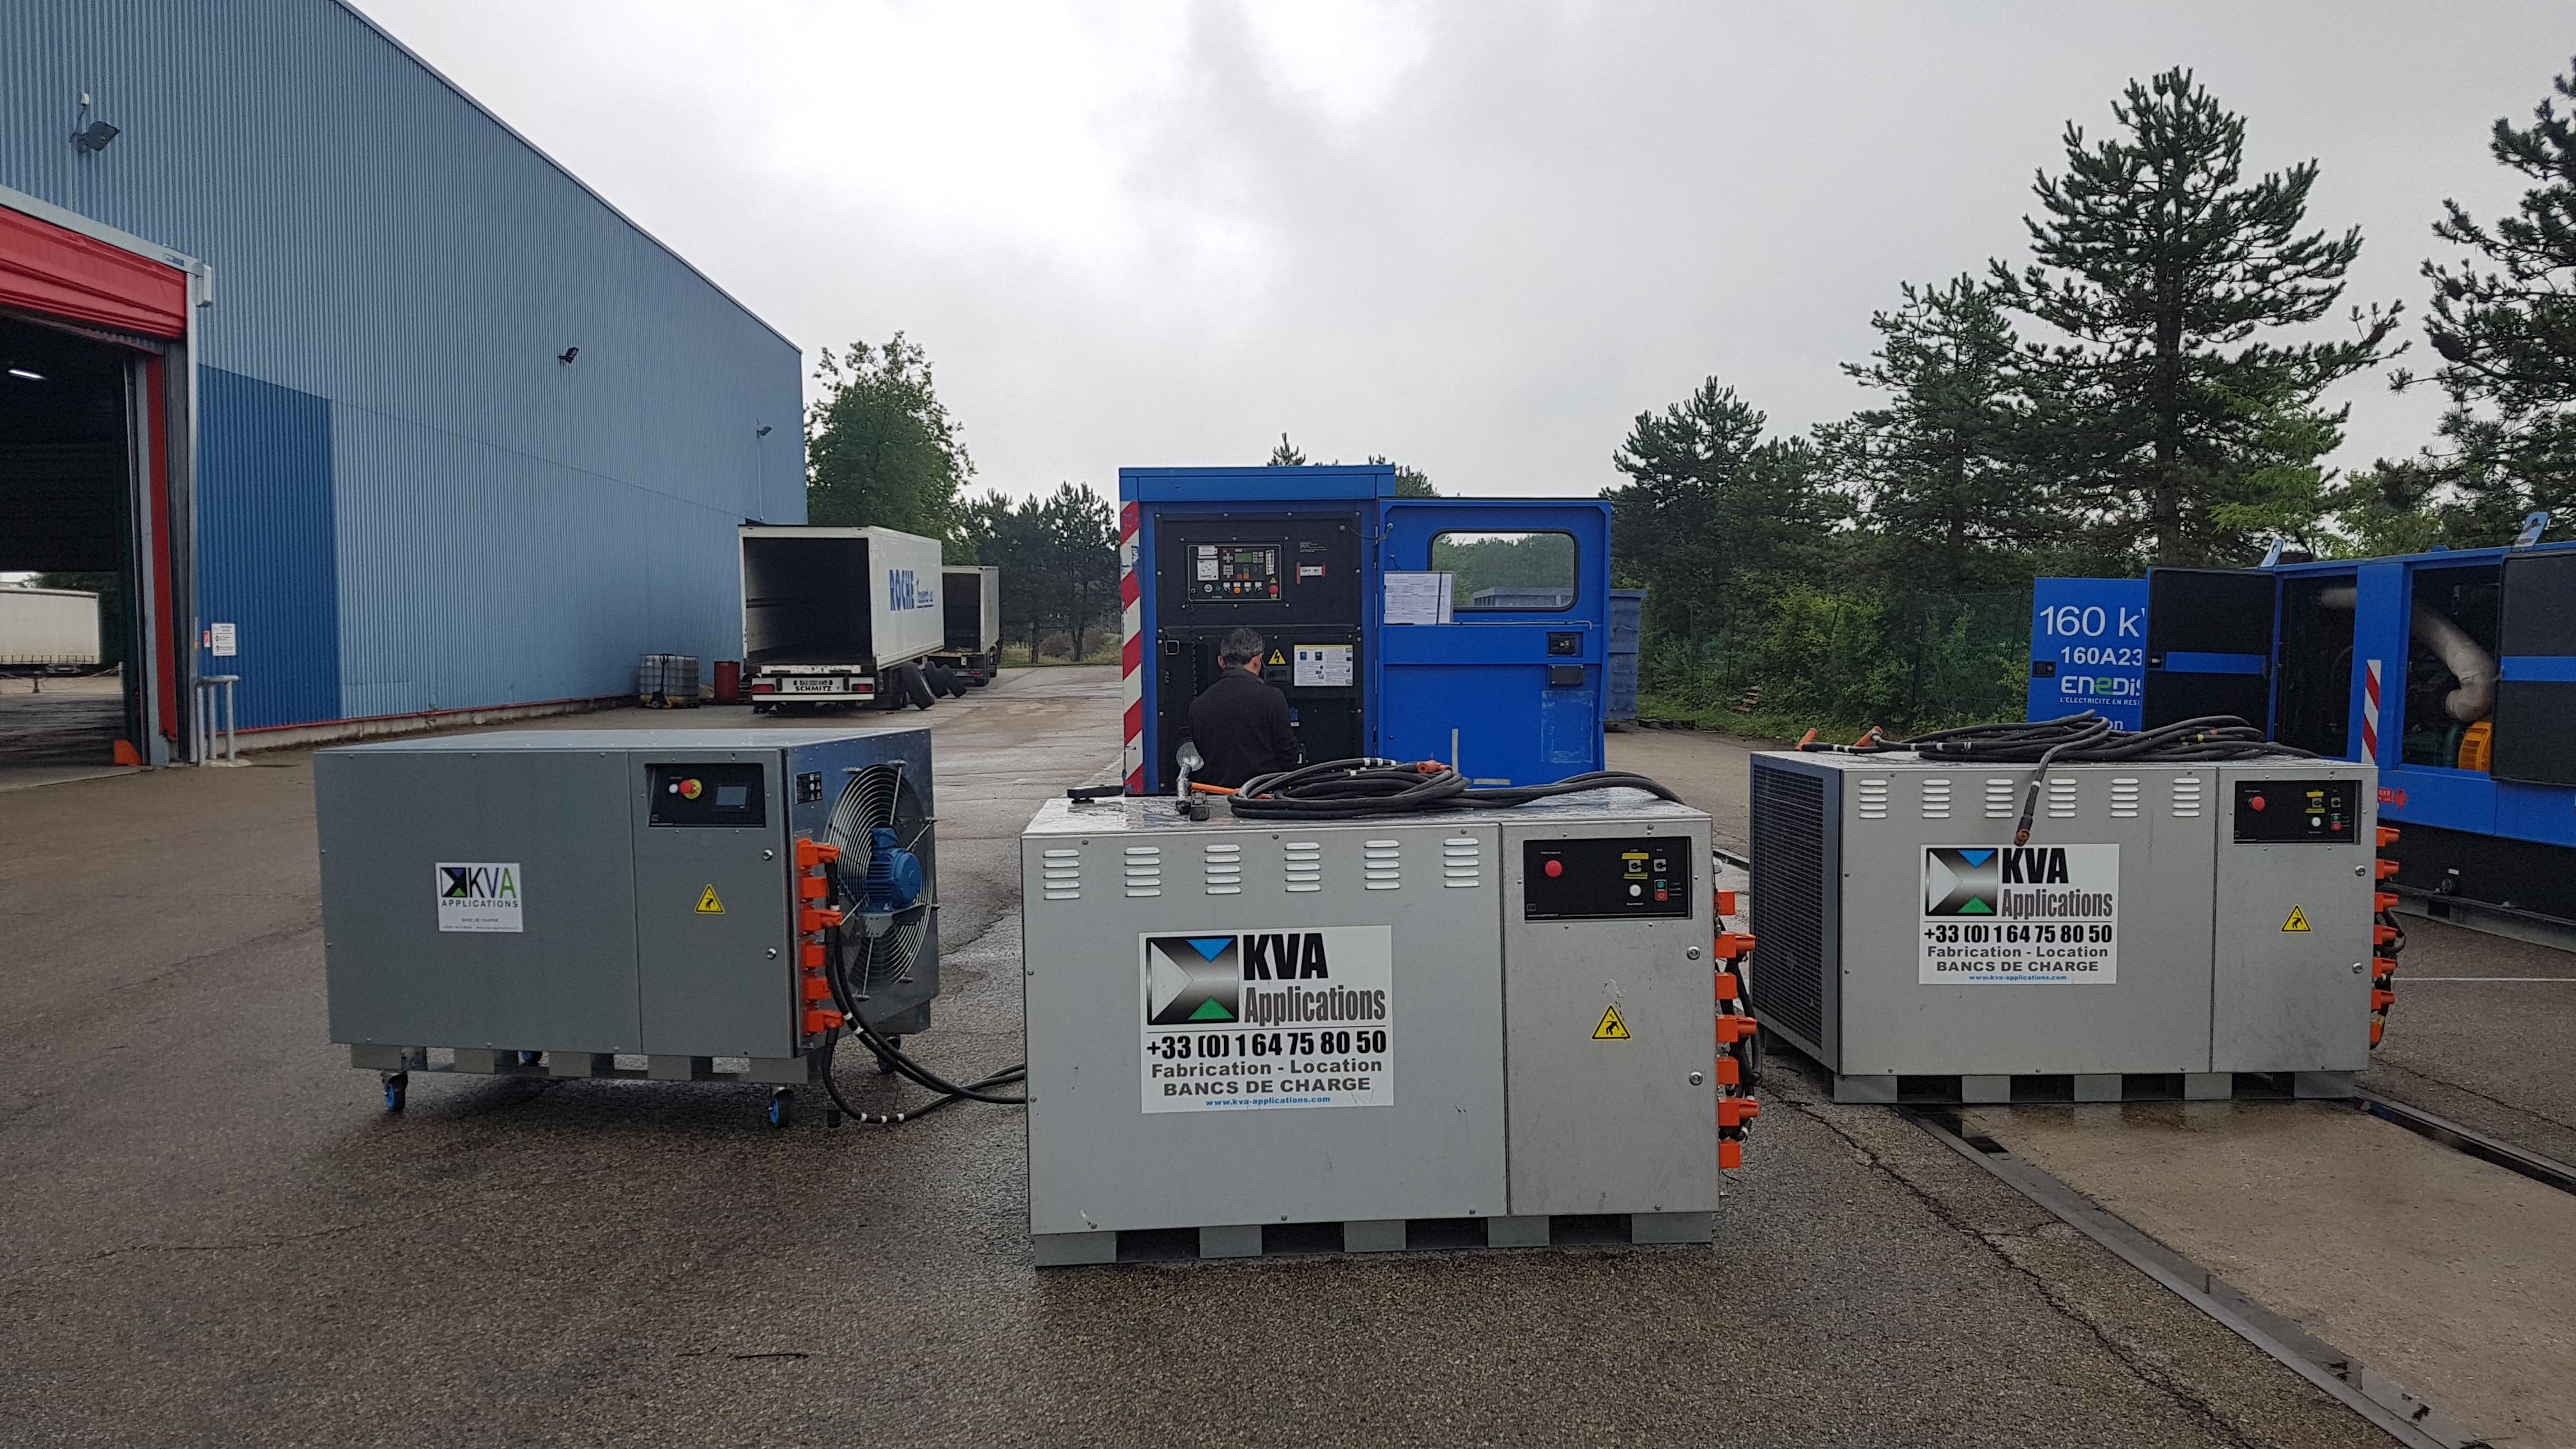 KVA Application load bank test, 400kW, Serval Beynost Platform